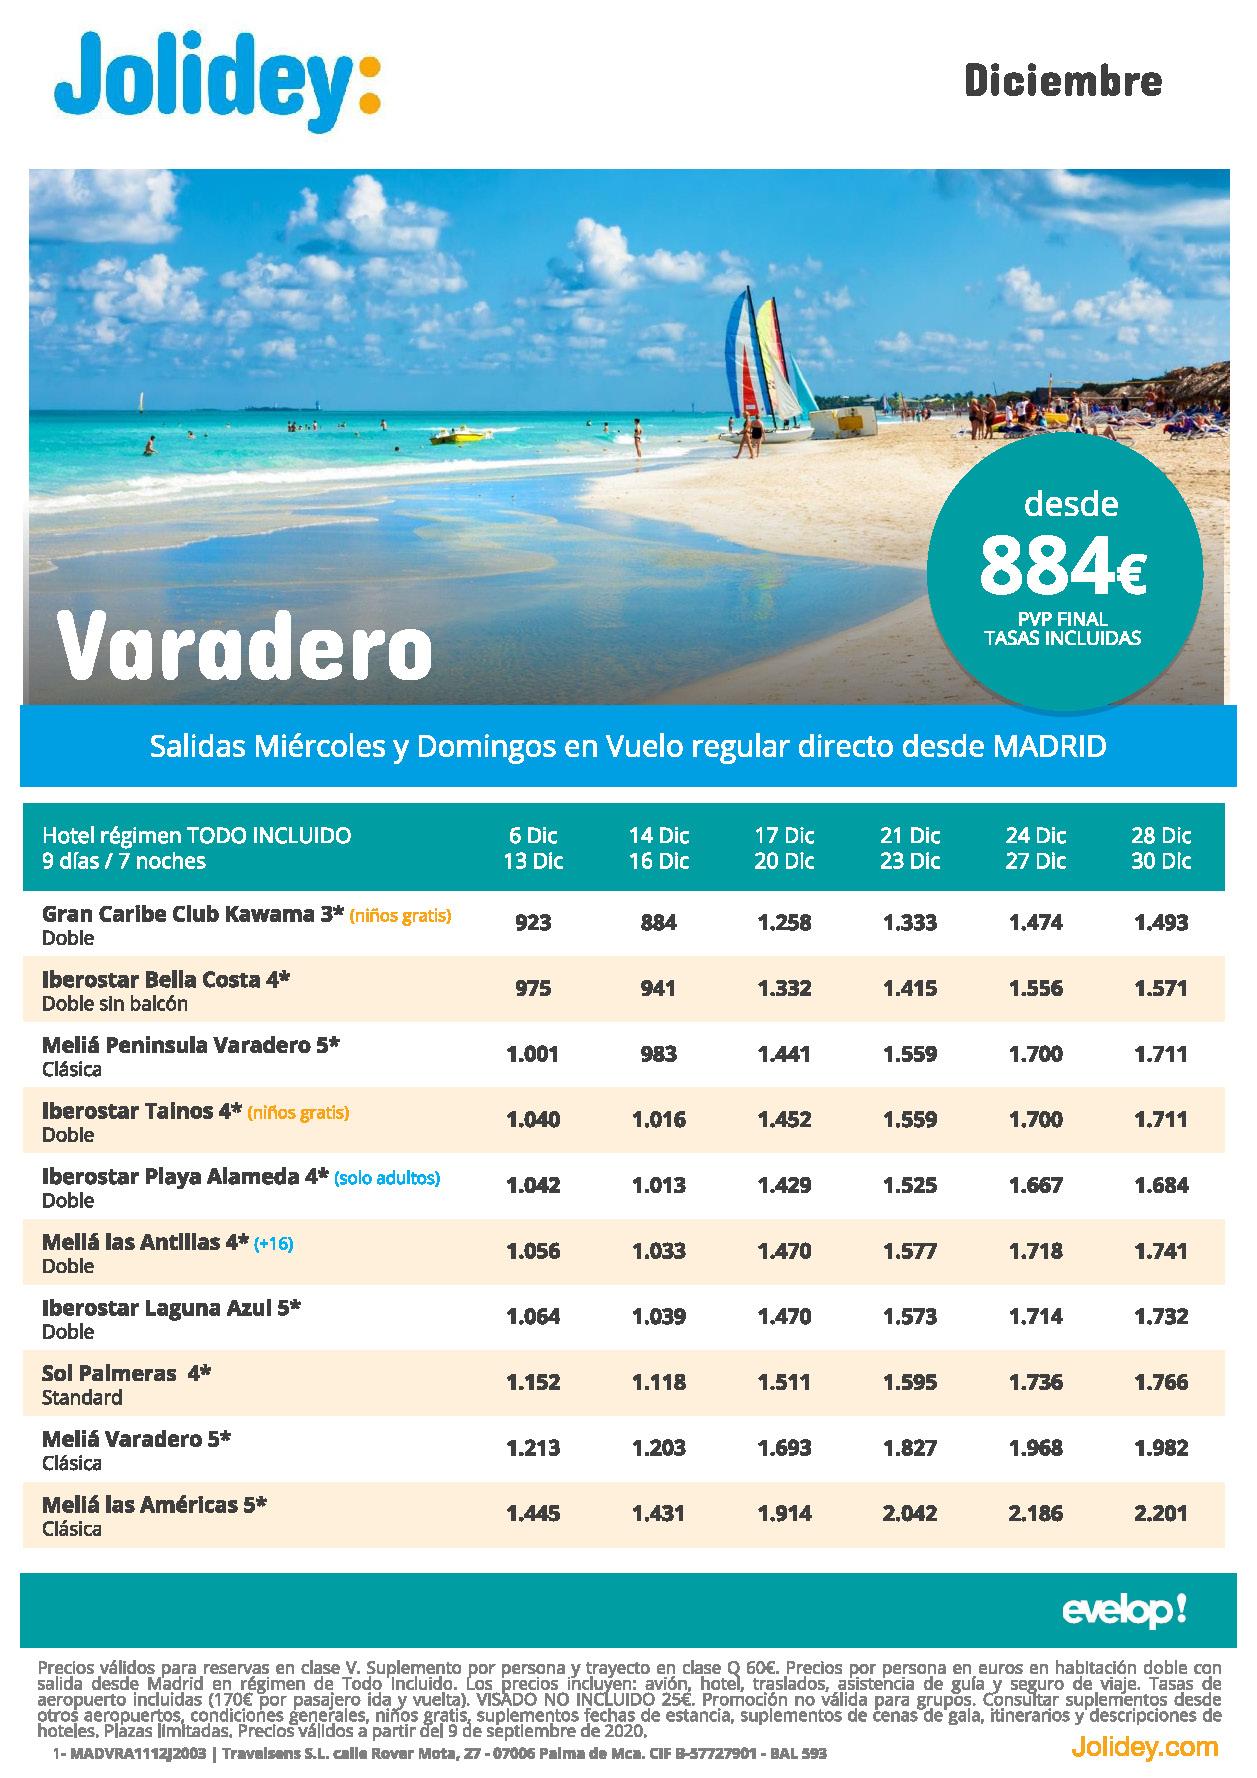 Oferta Jolidey Varadero Diciembre 2020 vuelo directo desde Madrid